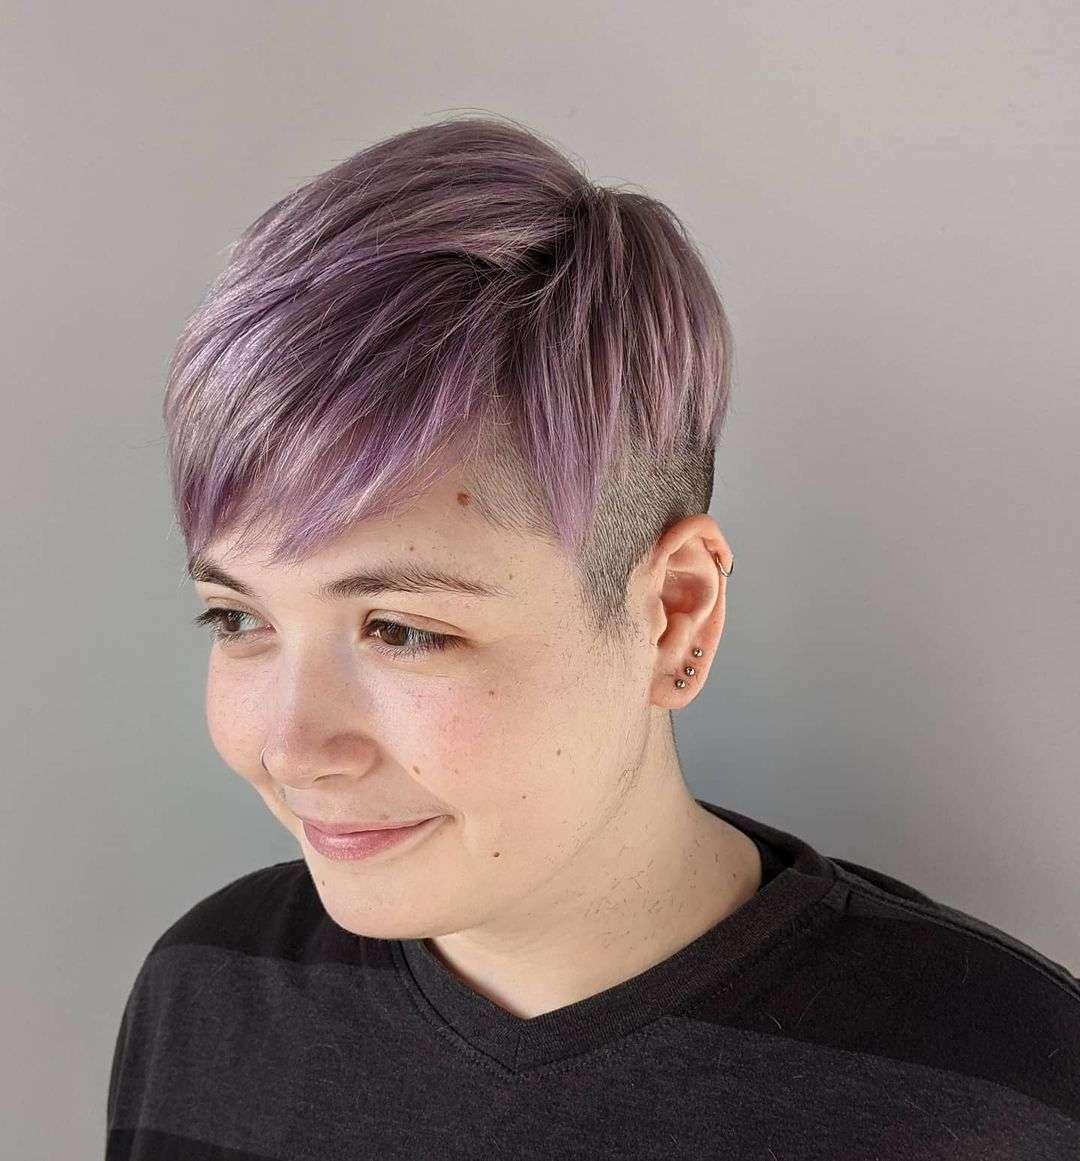 fryzura na grzybka dla chłopca